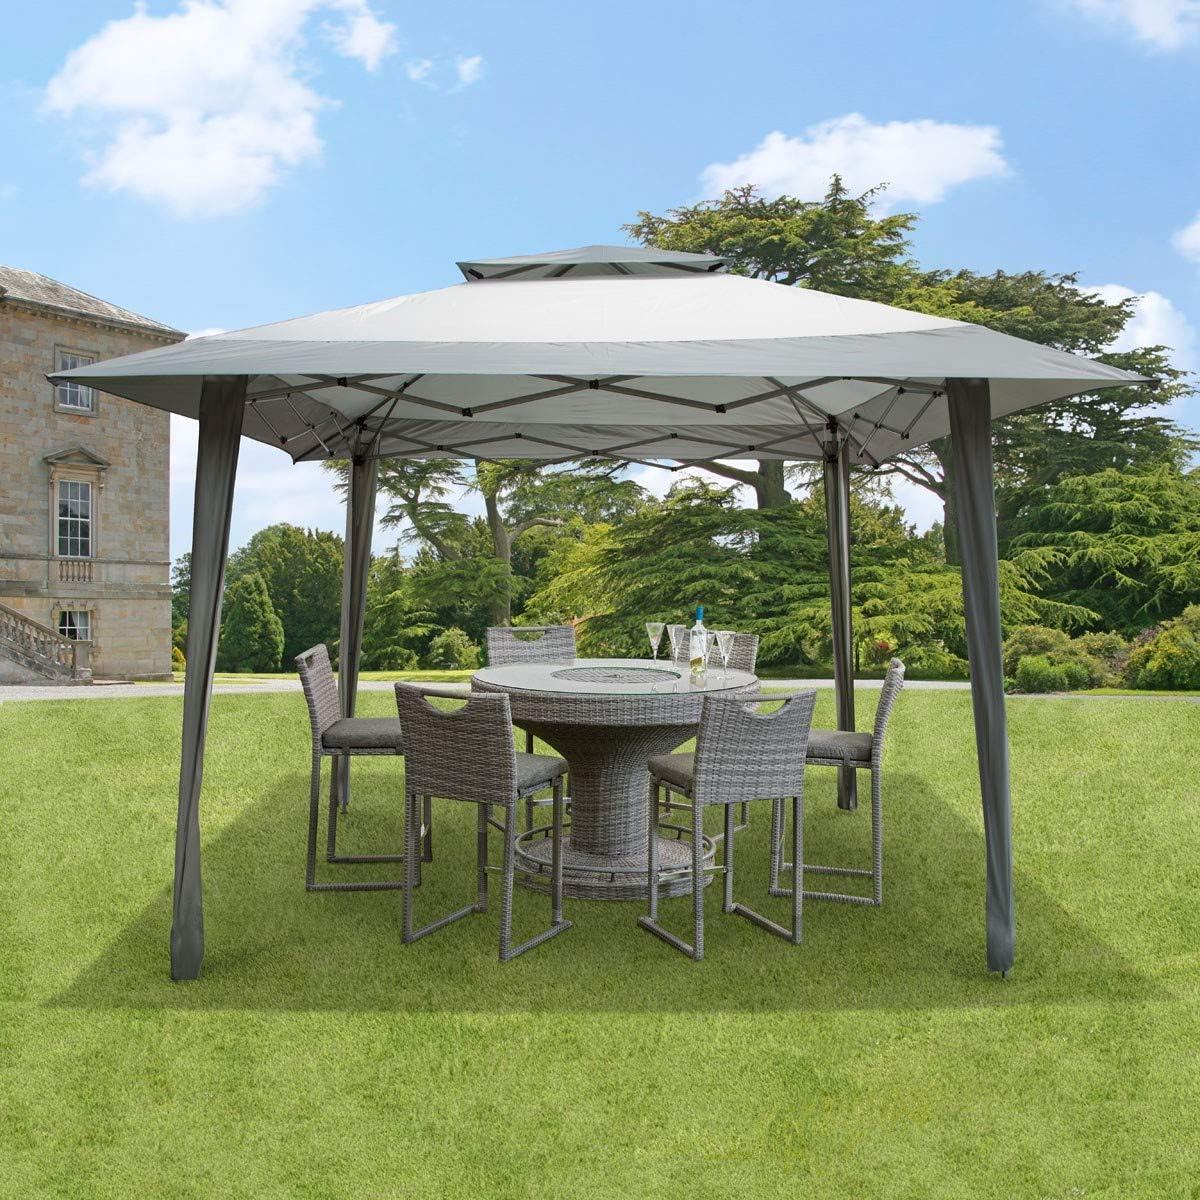 4 X 4 Metre Pop Up GSD - Cenador de 4 m x 4 m con Bolsa de Transporte en Ruedas y ventilación de Techo, Color Gris: Amazon.es: Jardín